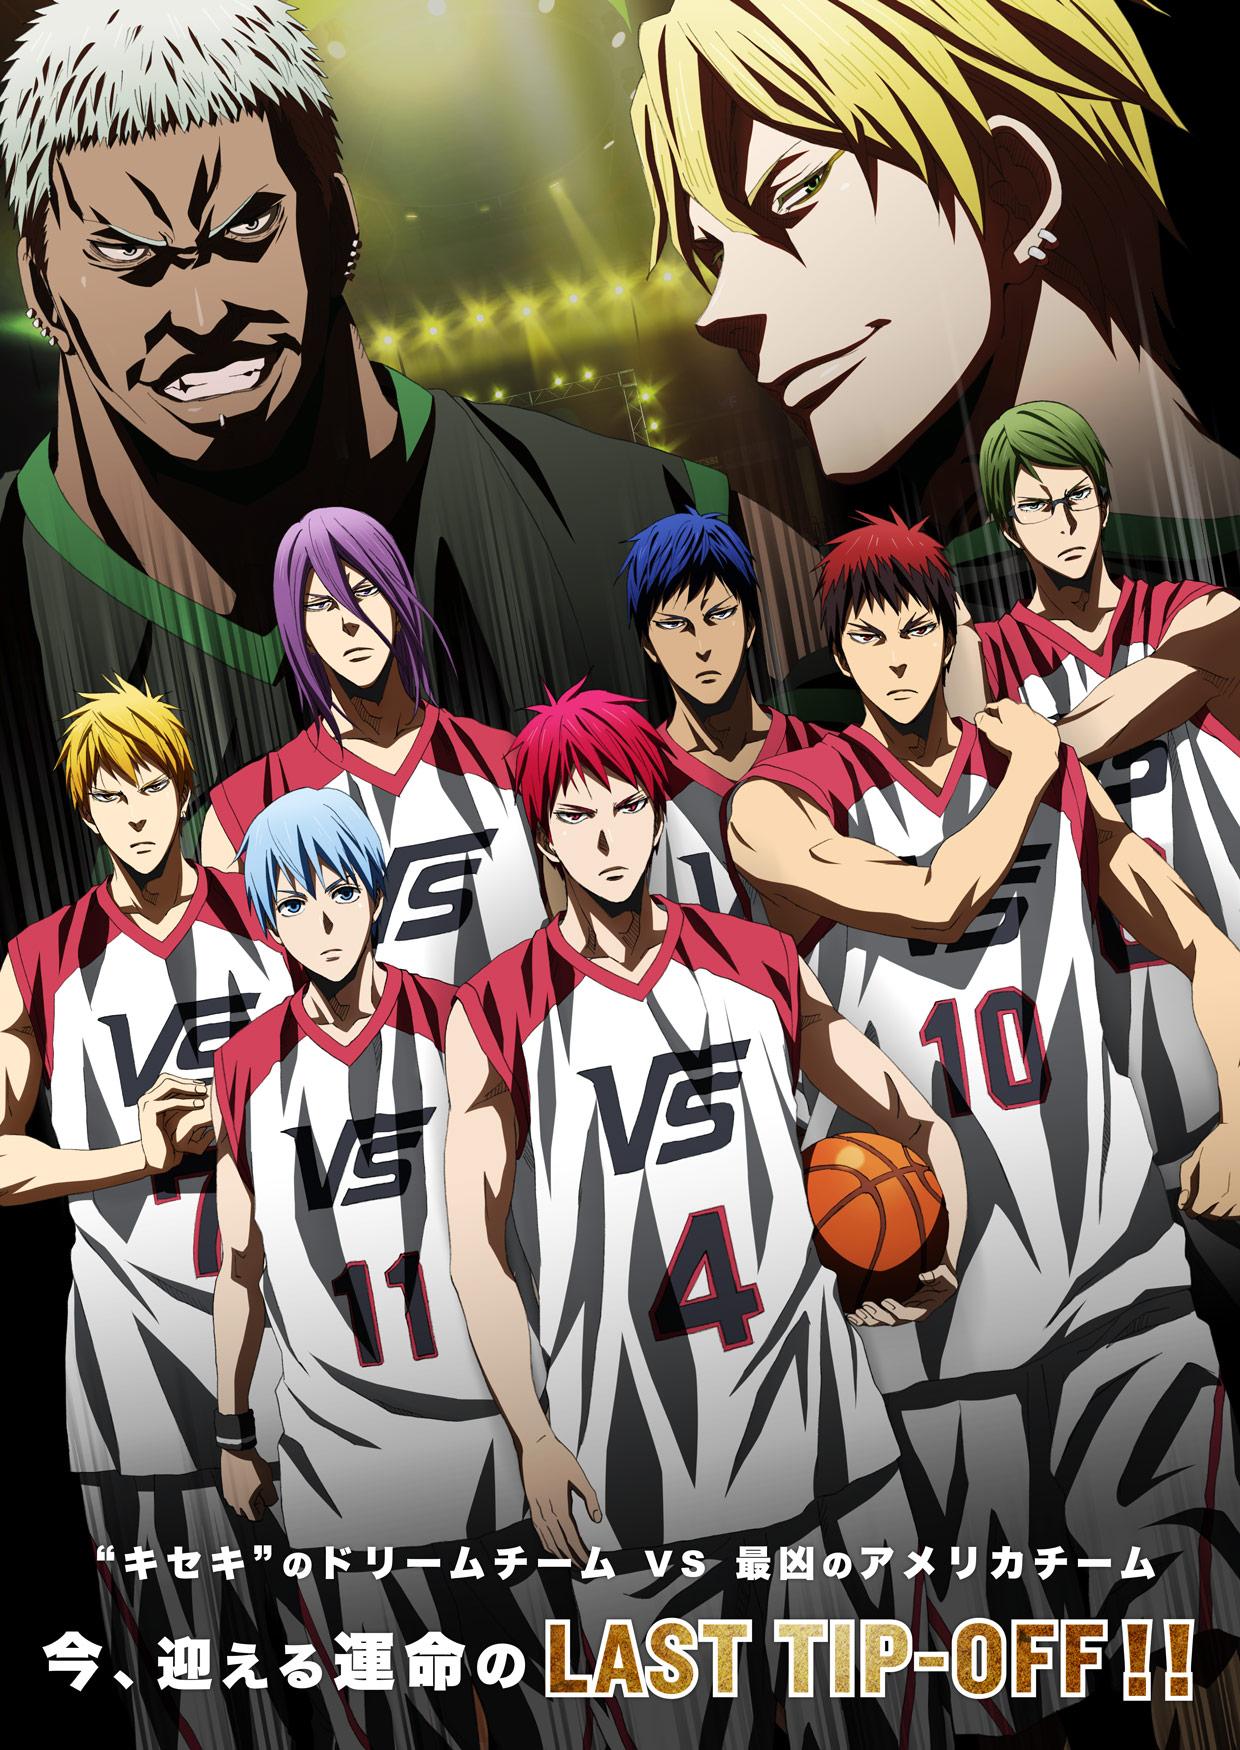 kuroko-no-basket-last-game